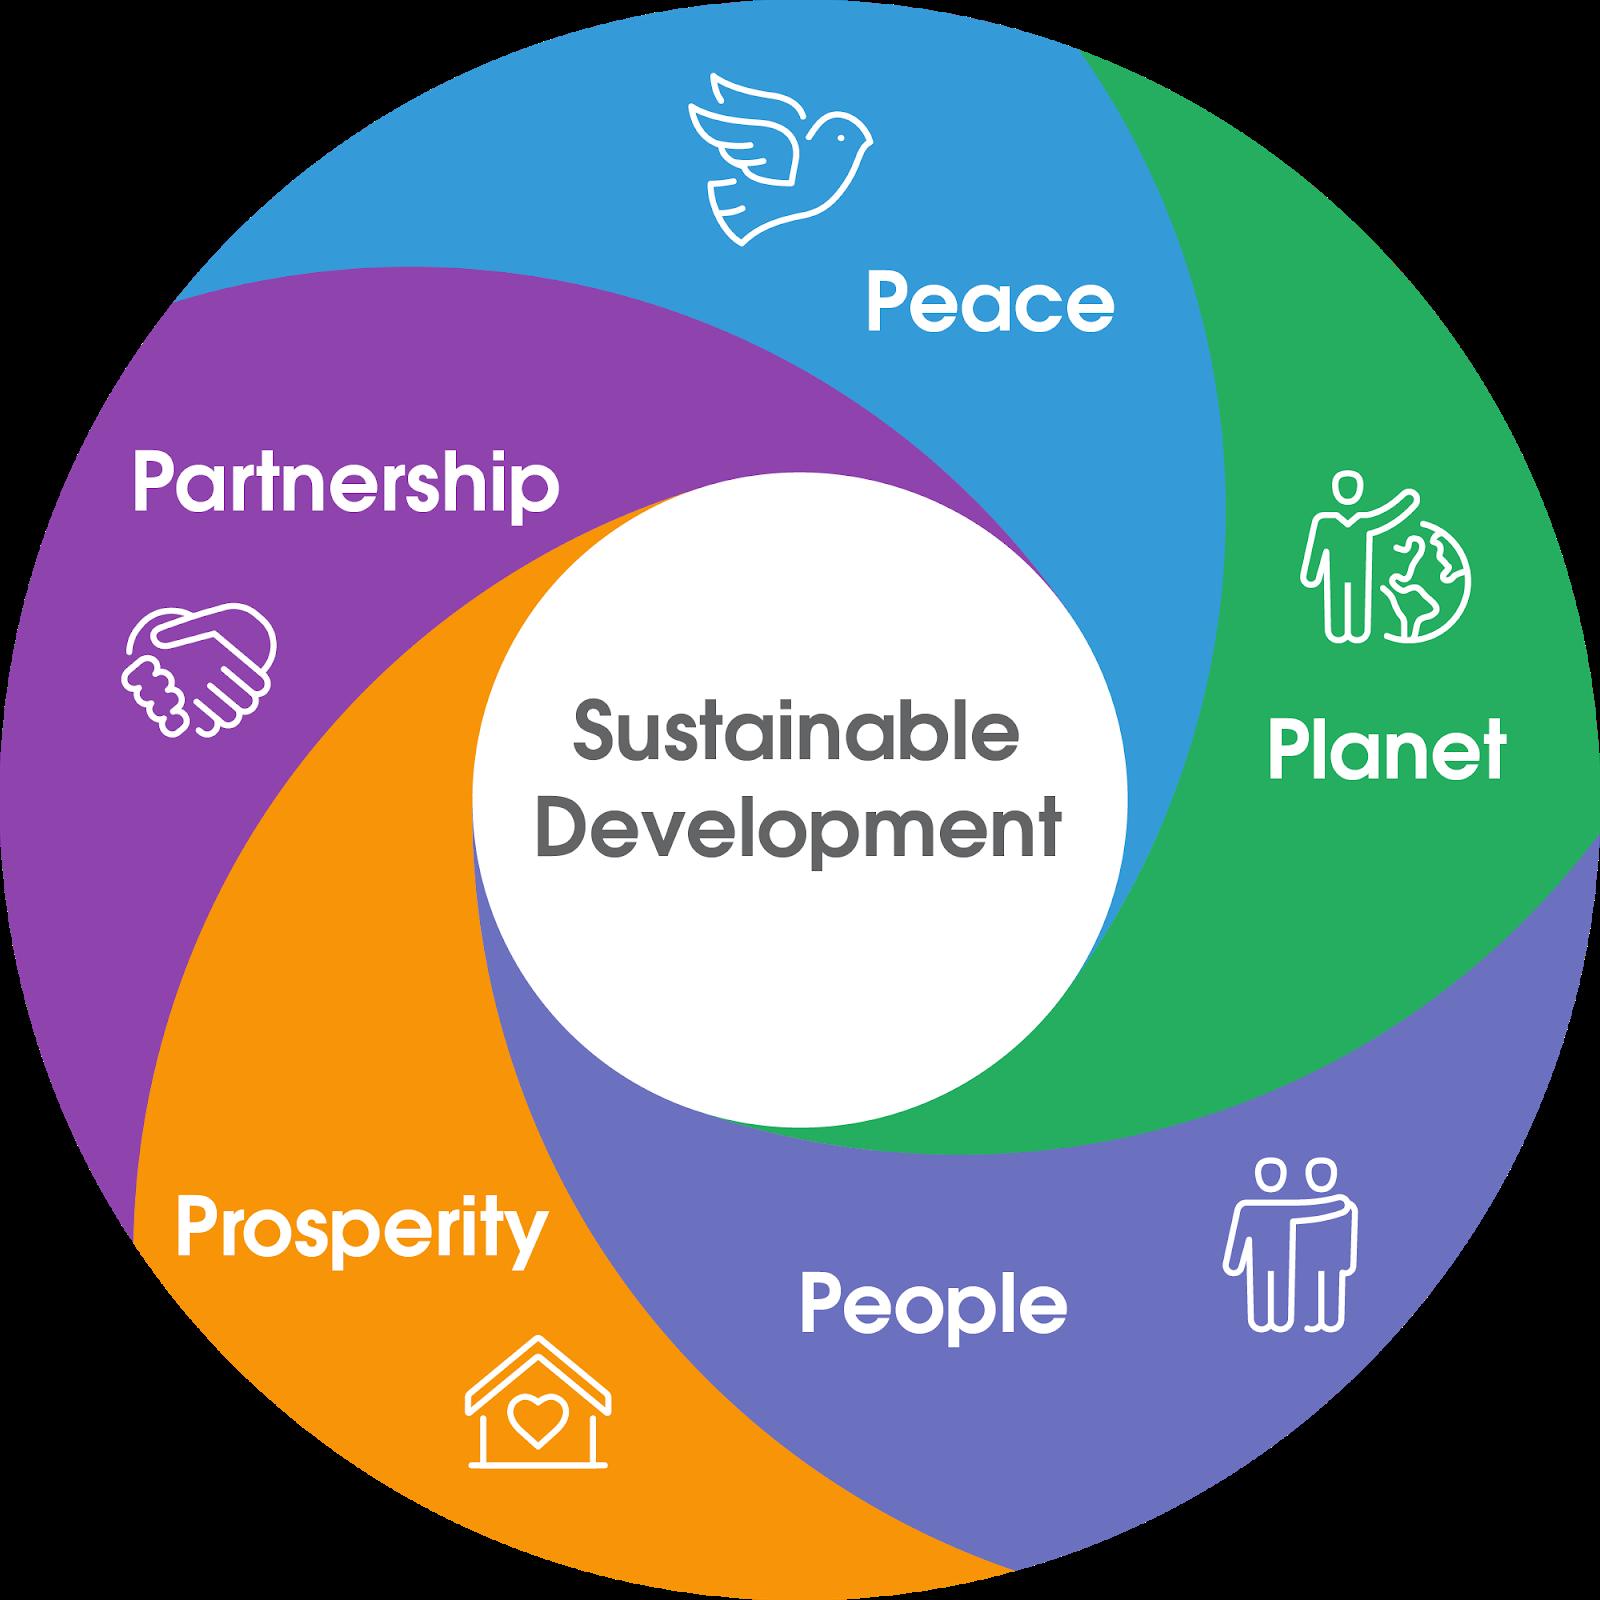 Die '5 Ps' oder Dimensionen nachhaltiger Entwicklung und ihr Zusammenspiel